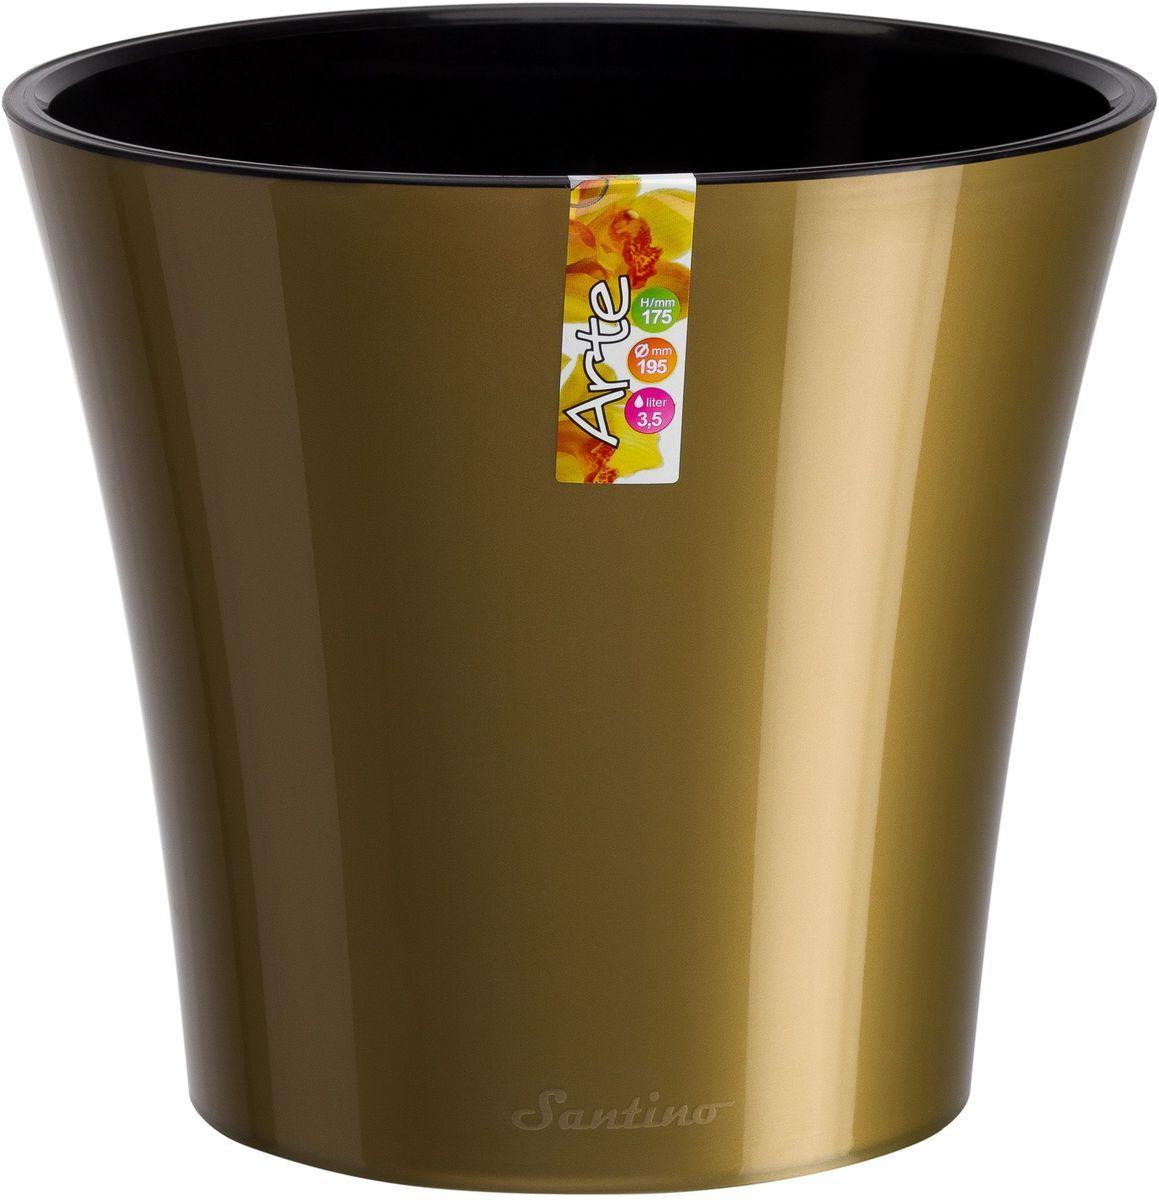 Горшок цветочный Santino Арте, двойной, с системой автополива, цвет: золотой, черный, 2 лАРТ 2 З-ЧЛюбой, даже самый современный и продуманный интерьер будет незавершённым без растений. Они не только очищают воздух и насыщают его кислородом, но и украшают окружающее пространство. Такому полезному члену семьи просто необходим красивый и функциональный дом! Мы предлагаем #name#! Оптимальный выбор материала — пластмасса! Почему мы так считаем?Малый вес. С лёгкостью переносите горшки и кашпо с места на место, ставьте их на столики или полки, не беспокоясь о нагрузке. Простота ухода. Кашпо не нуждается в специальных условиях хранения. Его легко чистить — достаточно просто сполоснуть тёплой водой. Никаких потёртостей. Такие кашпо не царапают и не загрязняют поверхности, на которых стоят. Пластик дольше хранит влагу, а значит, растение реже нуждается в поливе. Пластмасса не пропускает воздух — корневой системе растения не грозят резкие перепады температур. Огромный выбор форм, декора и расцветок — вы без труда найдёте что-то, что идеально впишется в уже существующий интерьер. Соблюдая нехитрые правила ухода, вы можете заметно продлить срок службы горшков и кашпо из пластика:всегда учитывайте размер кроны и корневой системы (при разрастании большое растение способно повредить маленький горшок)берегите изделие от воздействия прямых солнечных лучей, чтобы горшки не выцветалидержите кашпо из пластика подальше от нагревающихся поверхностей. Создавайте прекрасные цветочные композиции, выращивайте рассаду или необычные растения.